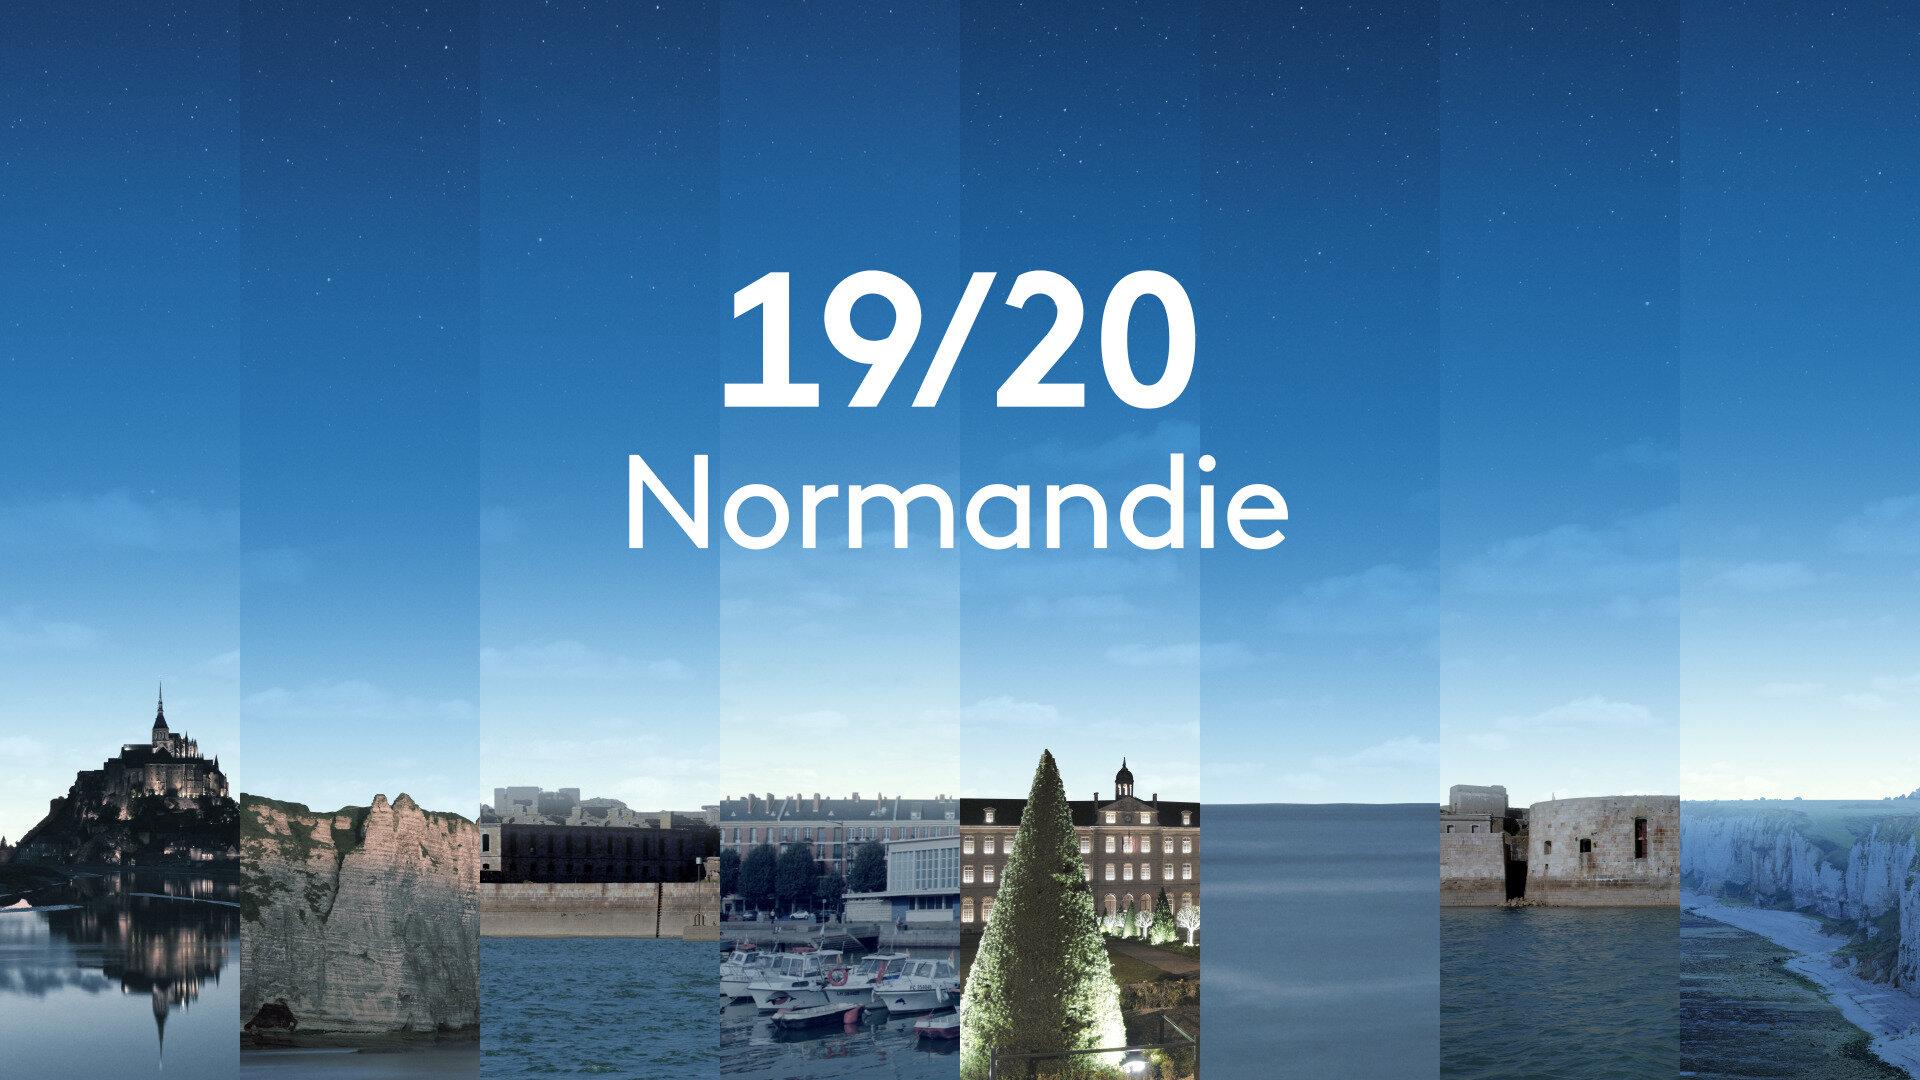 19/20 Normandie : Sur la route des plantes avec Christiane Lablancherie